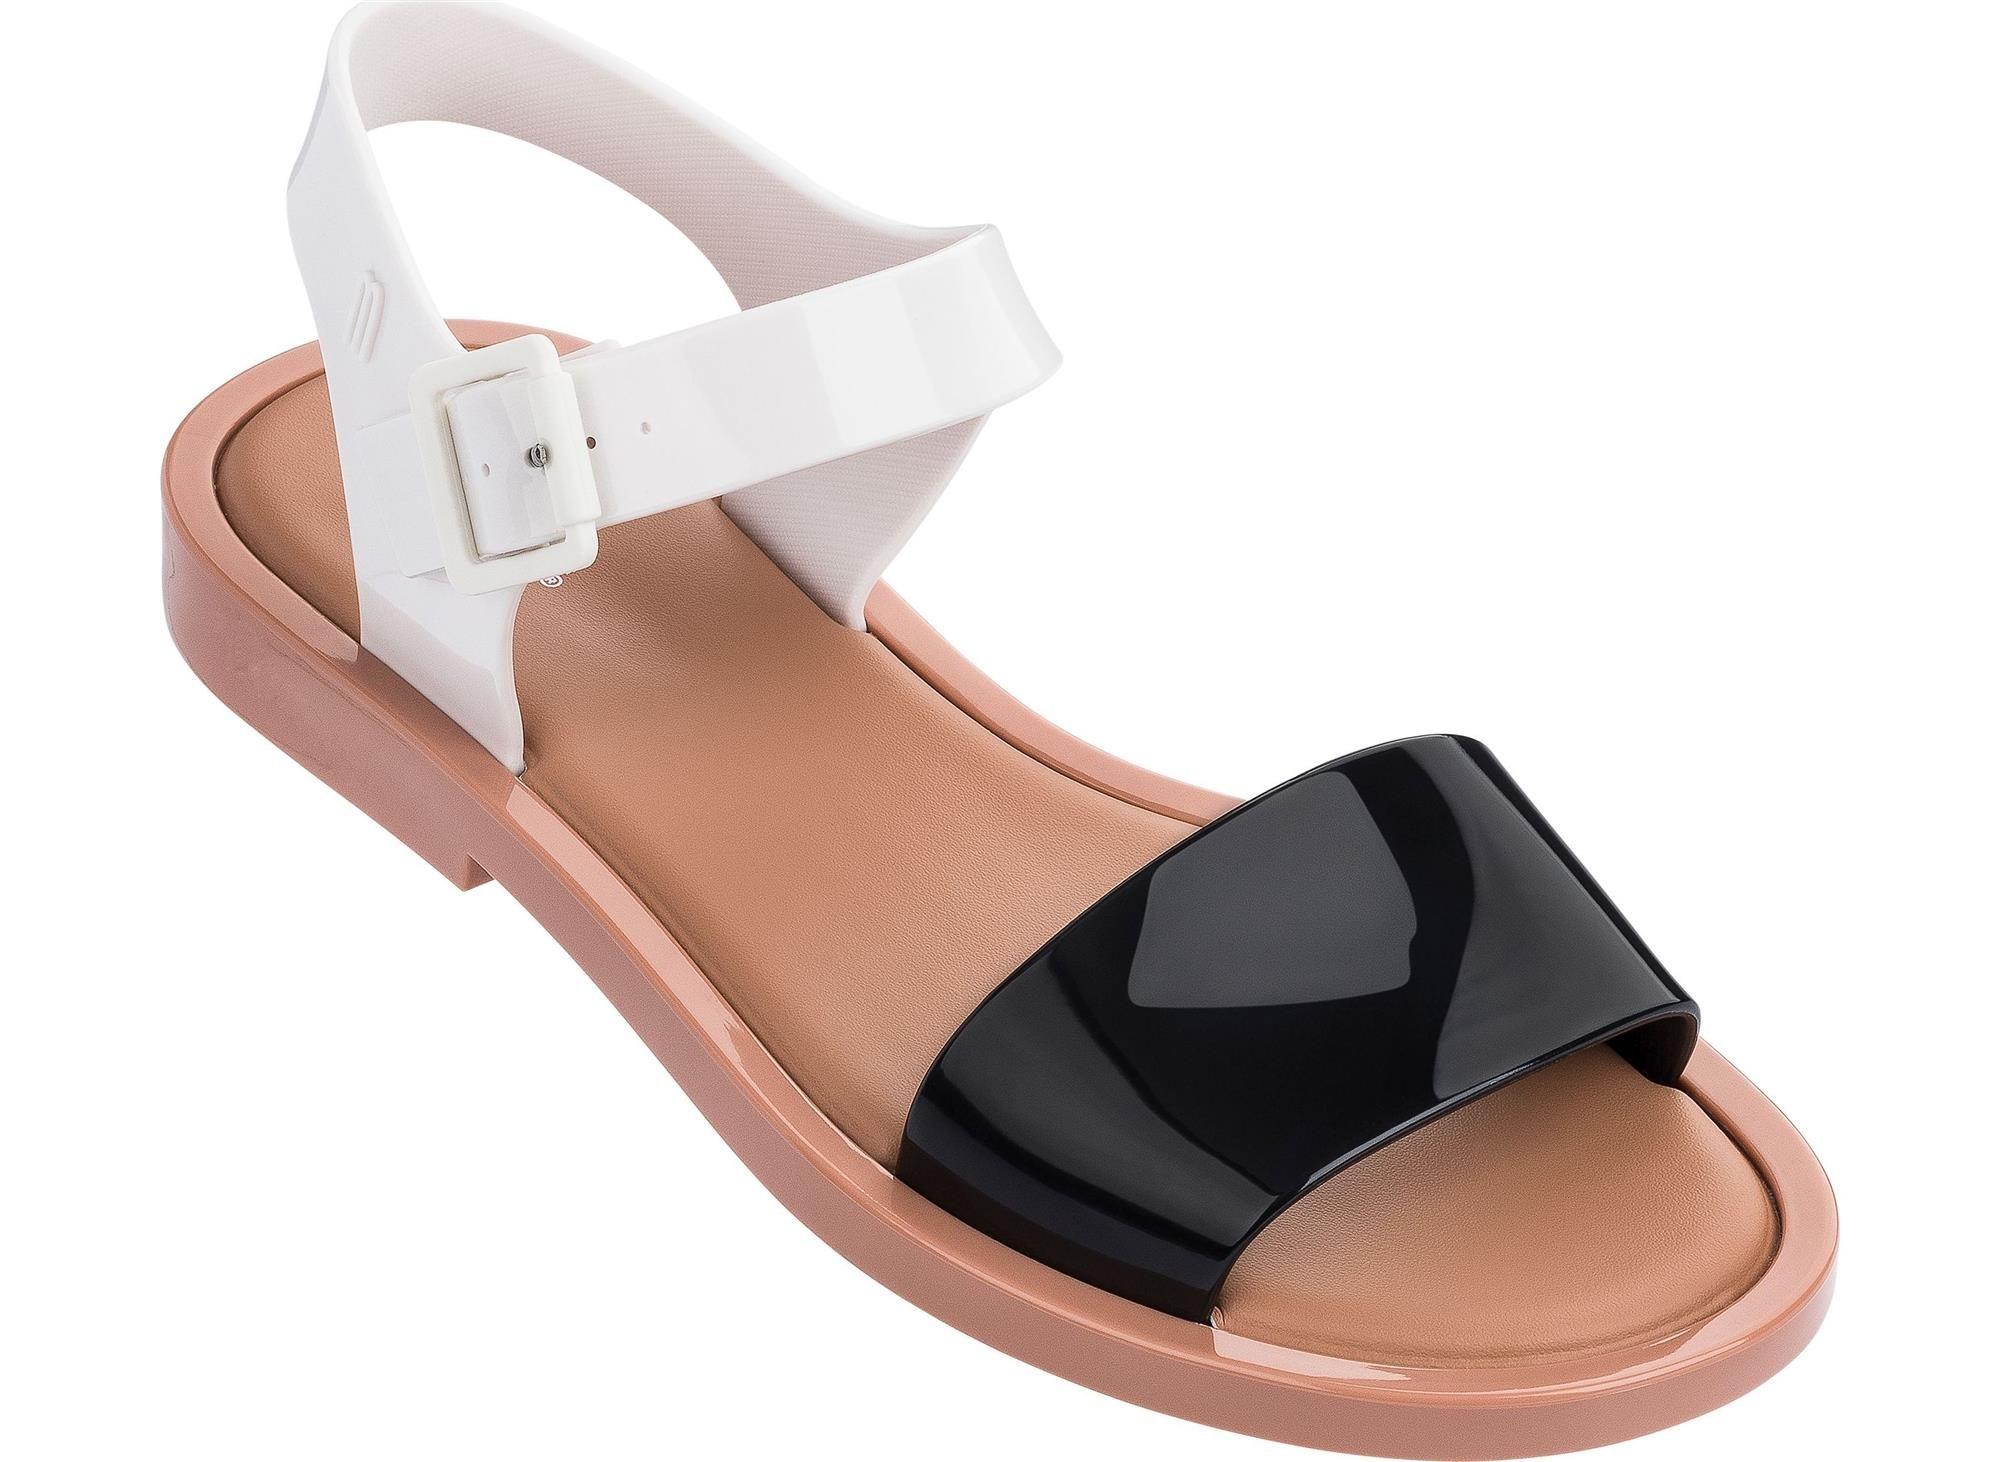 62bec216b Mar sandal   Melissa   Sandalia melissa preta, Sandálias melissa e ...